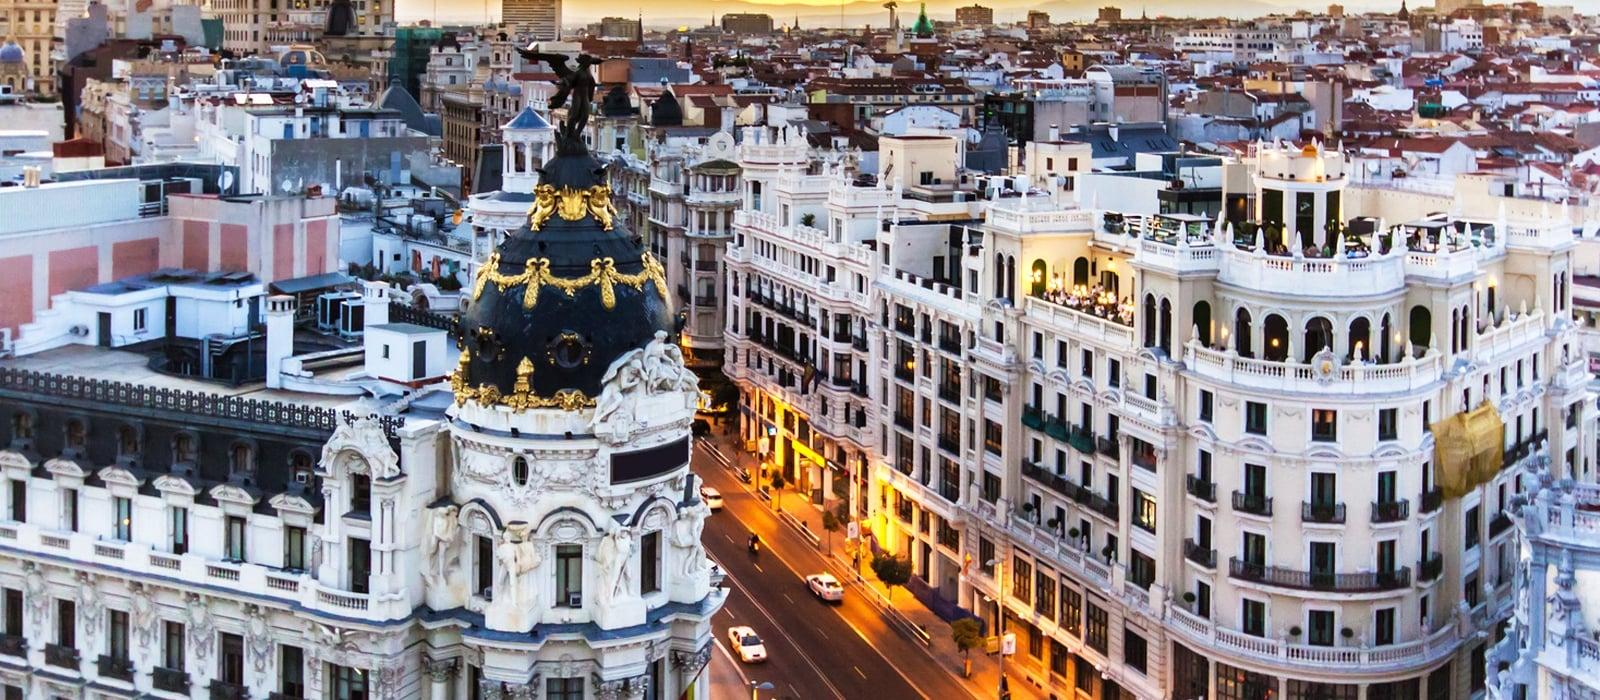 Hoteles de 4 y 5 estrellas en espa a vincci hoteles for Hoteles de superlujo en espana